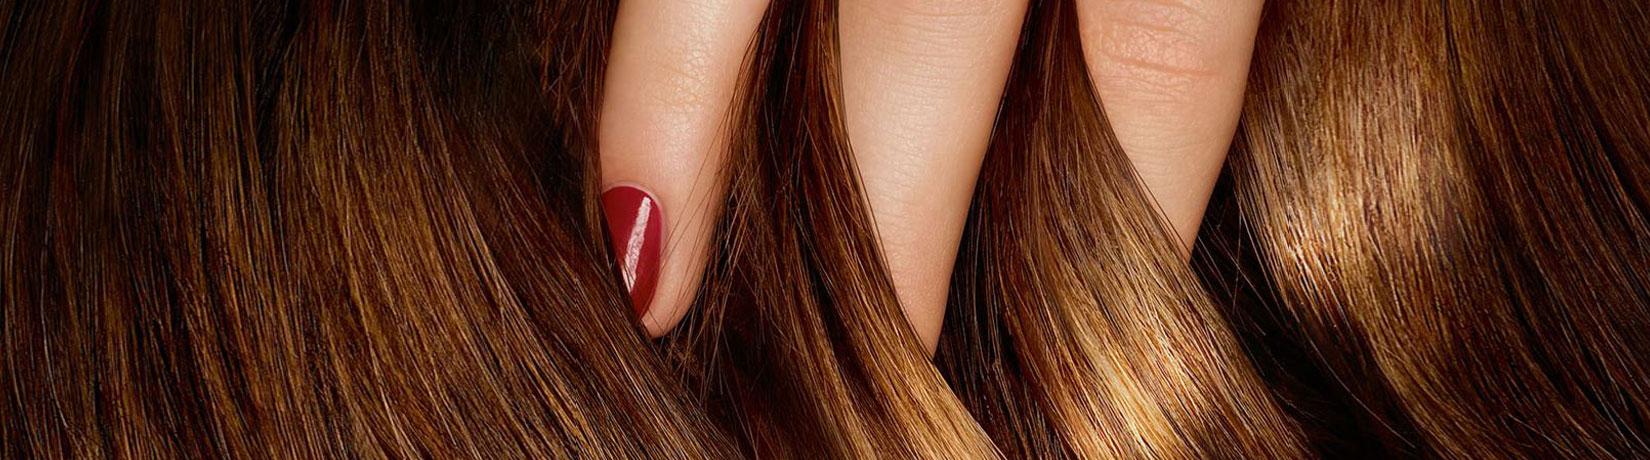 Определите свой тип волос